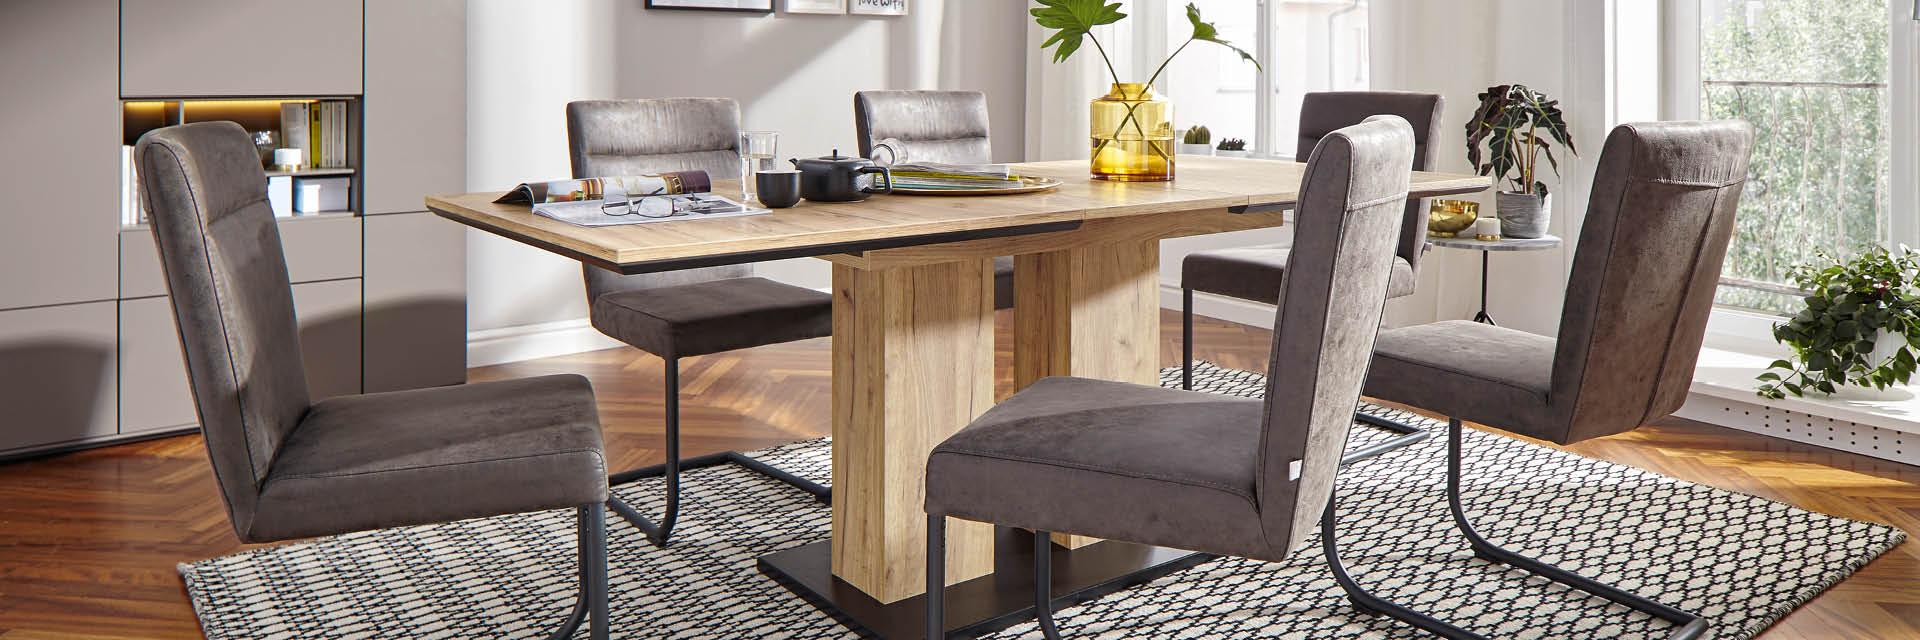 Tische Und Stühle Im Einklang Global Dinner